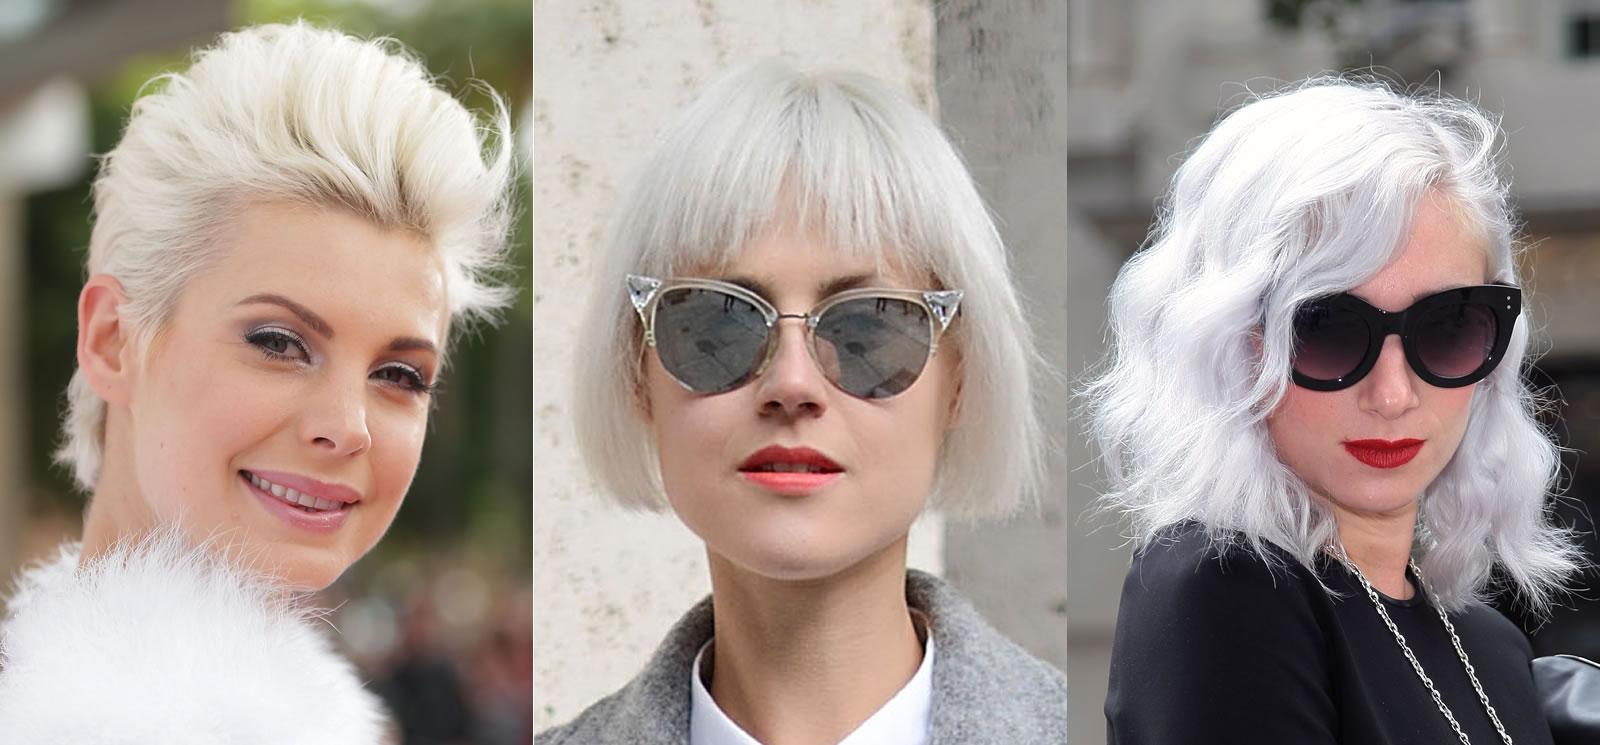 Capelli bianchi quale shampoo usare - Bagno di colore copre i capelli bianchi ...